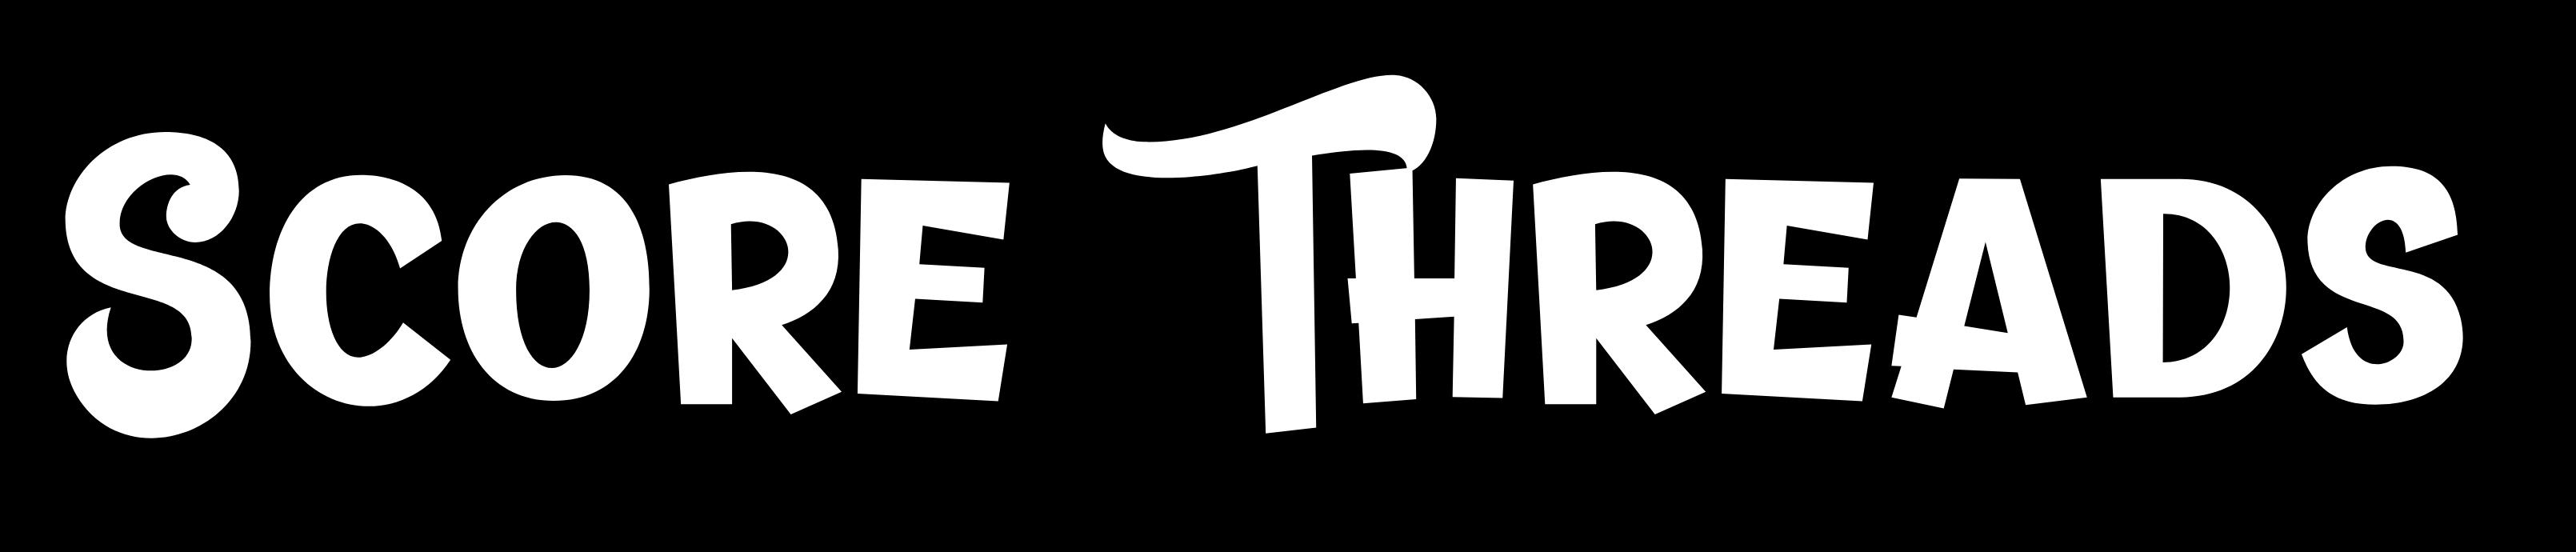 Score Threads